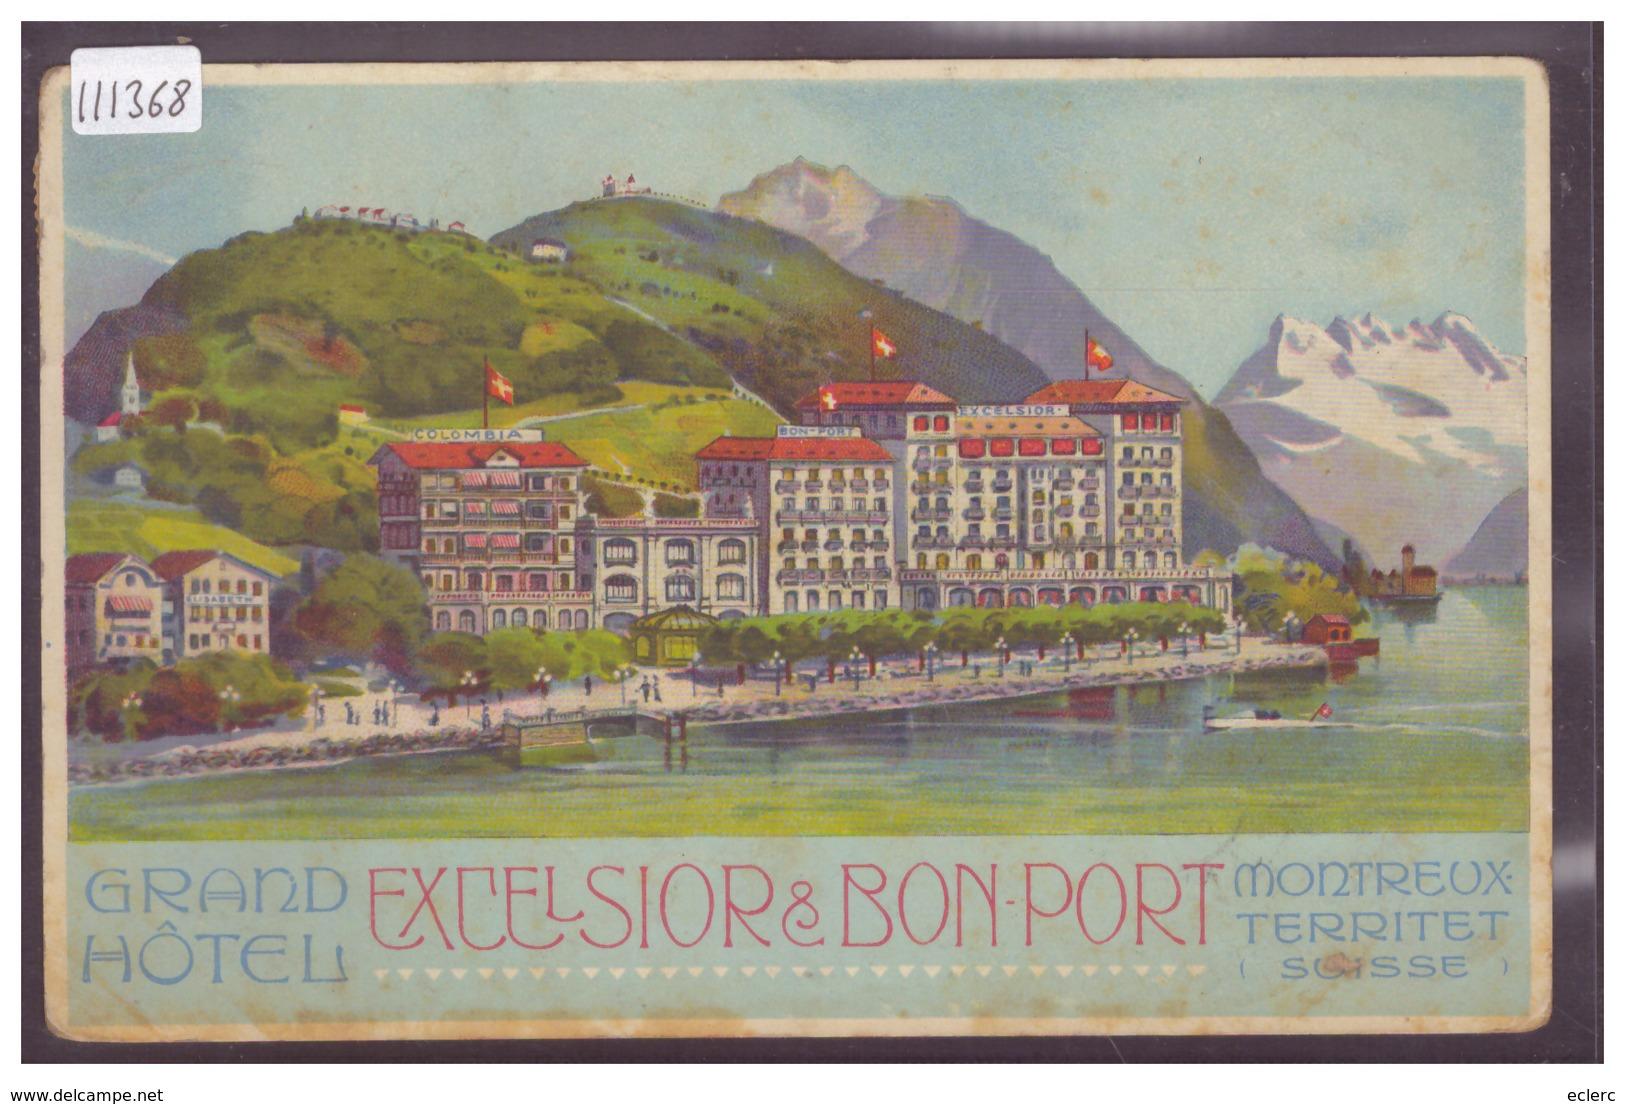 DISTRICT DE VEVEY - MONTREUX TERRITET - HOTEL EXCELSIOR ET BON PORT - LITHO - TB - VD Vaud